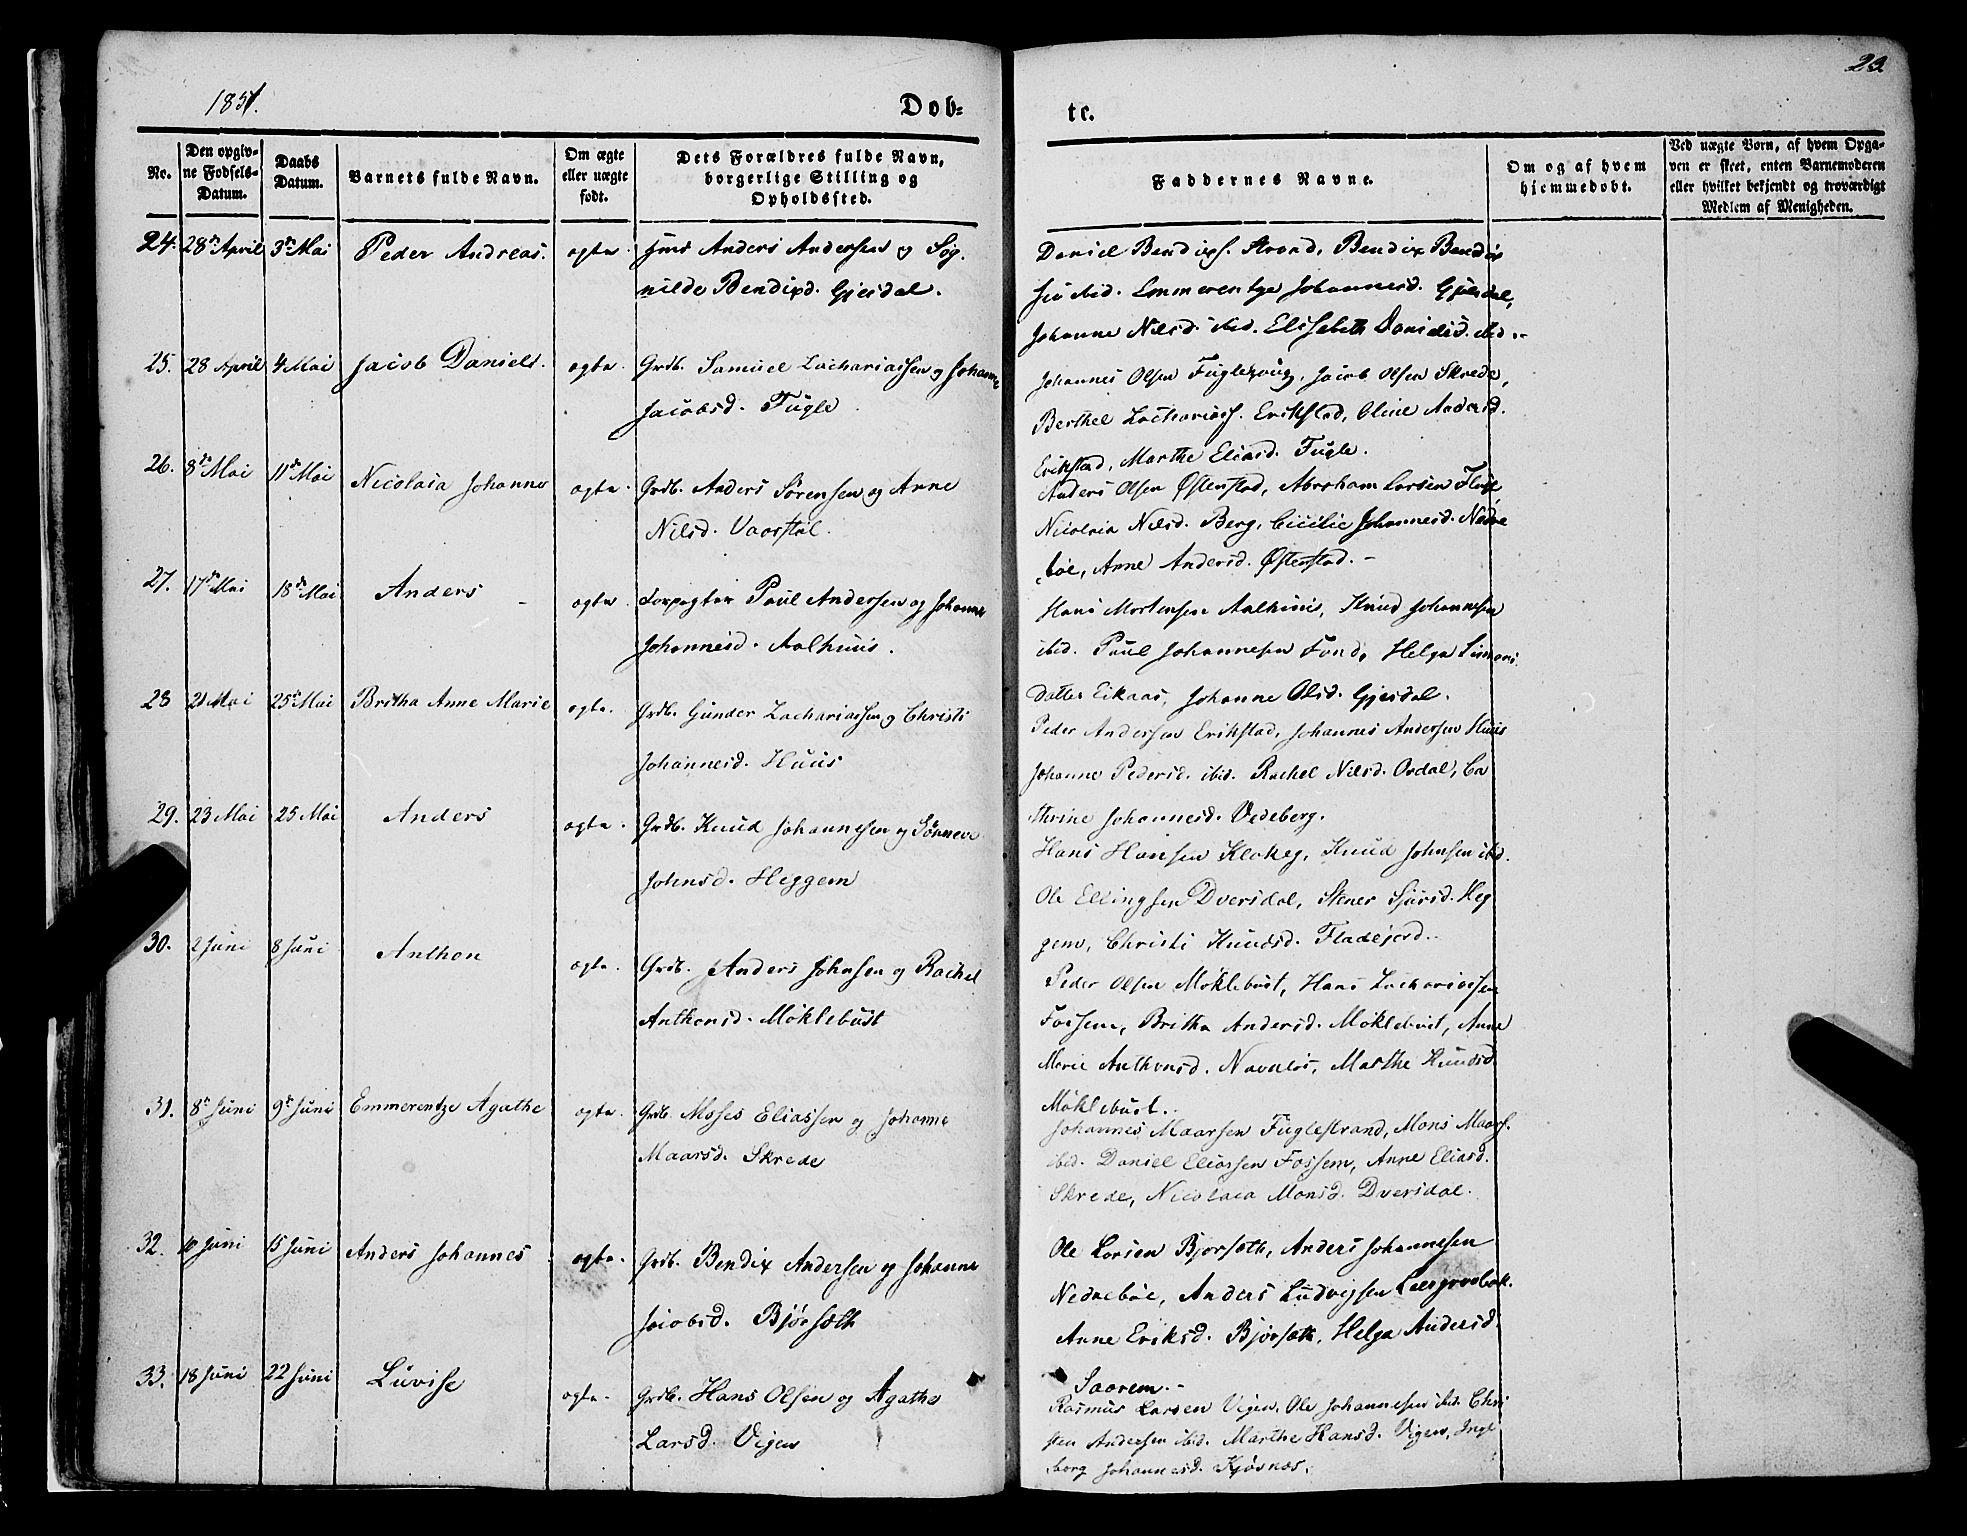 SAB, Jølster Sokneprestembete, H/Haa/Haaa/L0010: Ministerialbok nr. A 10, 1847-1865, s. 23